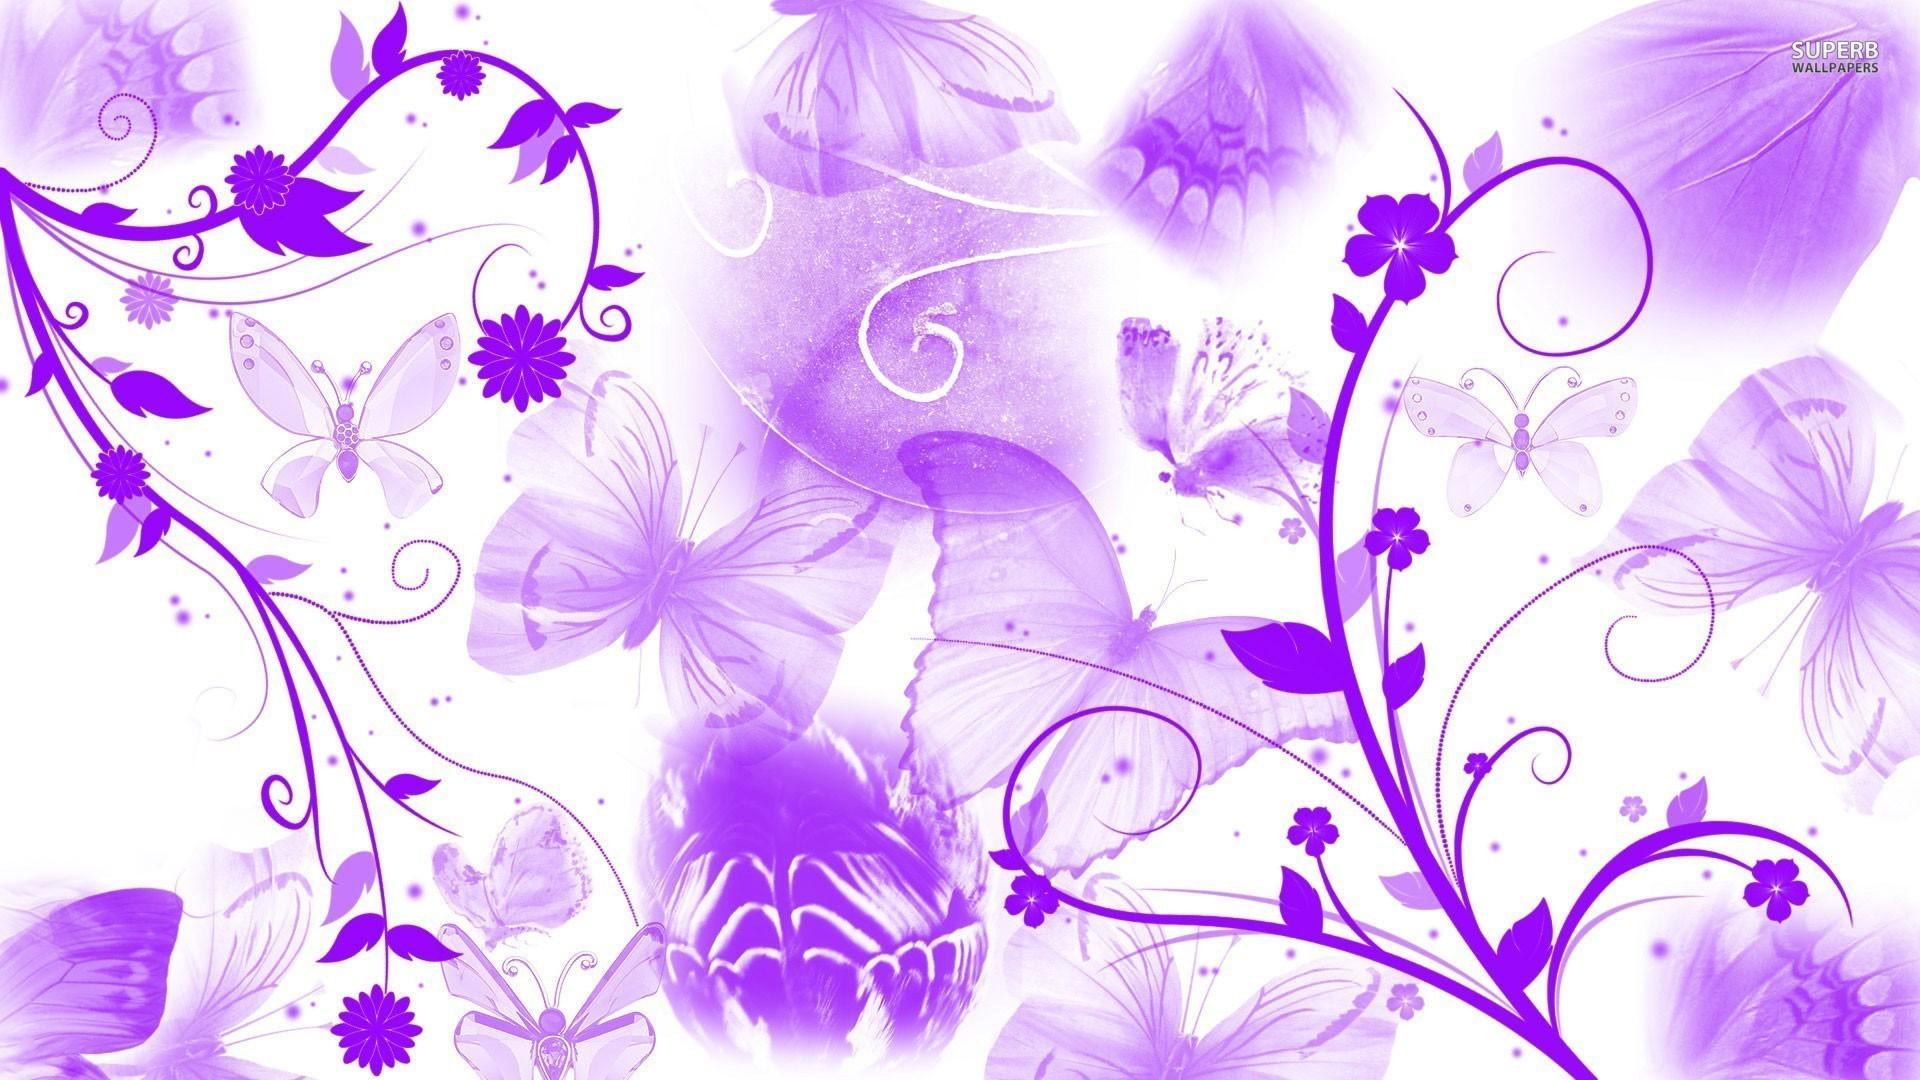 Purple butterflies and swirling flowers wallpaper